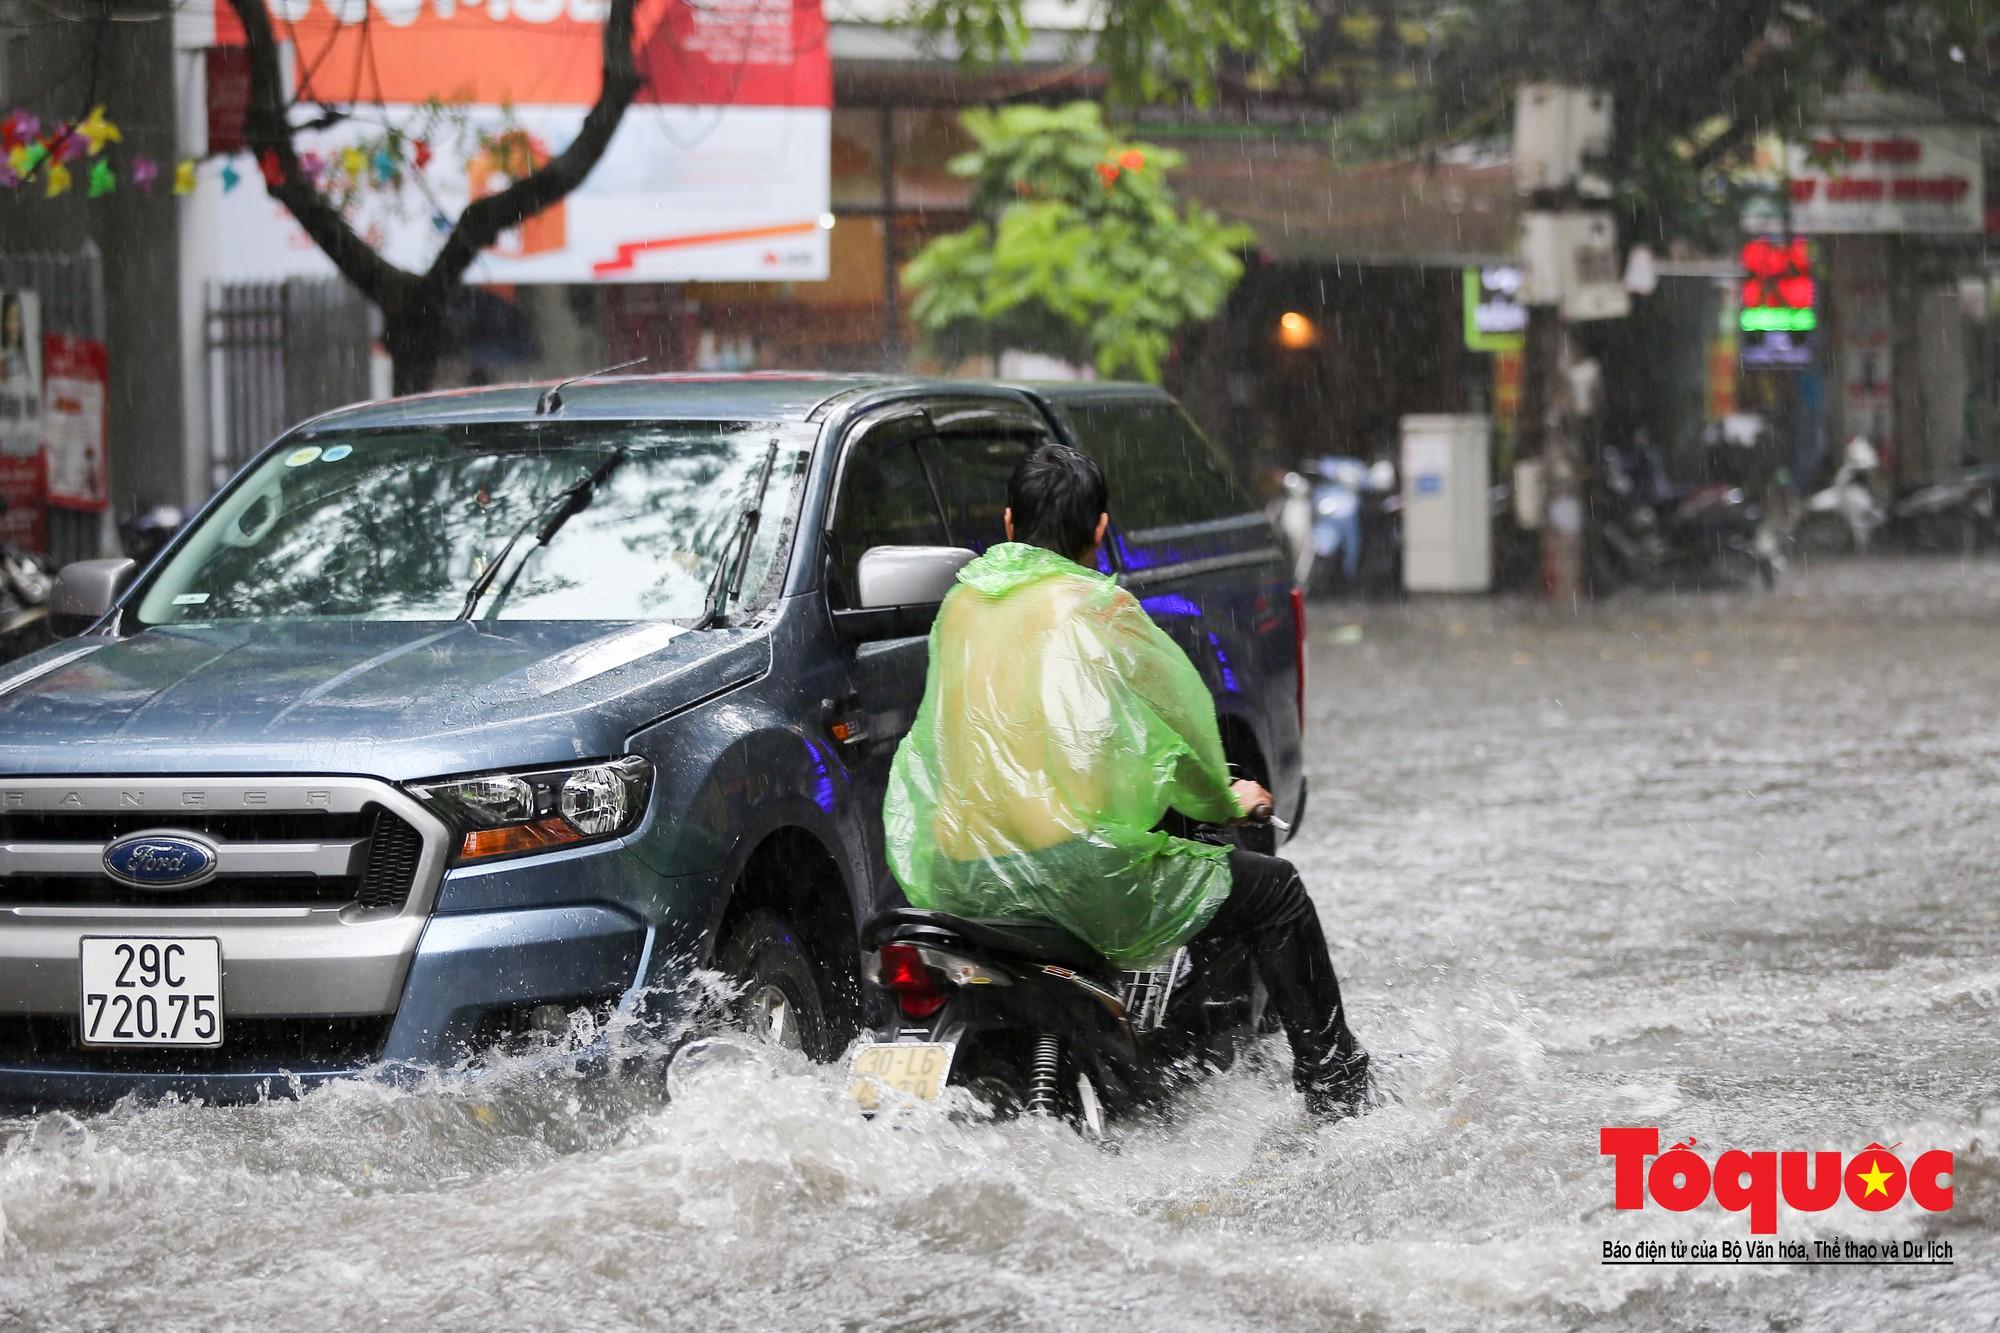 Hà Nội: mưa lớn chưa đến 30 phút, nhiều tuyến phố ngập sâu trong biển nước9